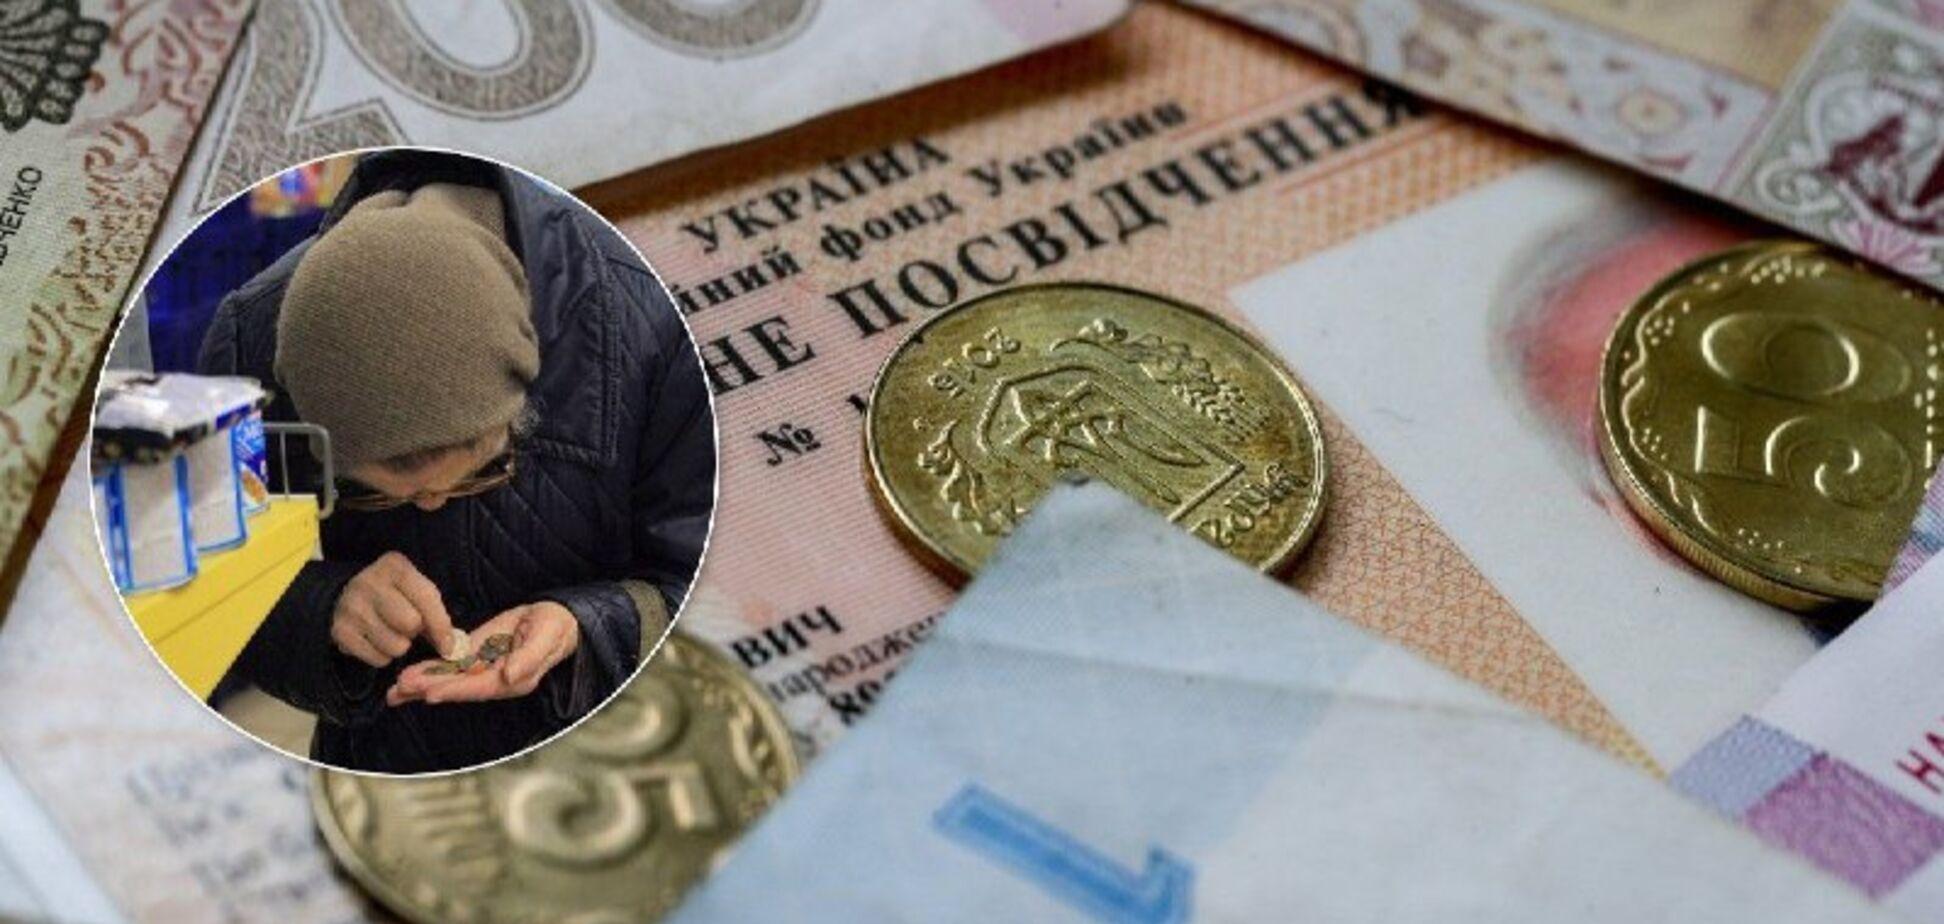 Українці отримають по дві пенсії і заплатять нові внески: 'Слуга народу' презентувала реформу